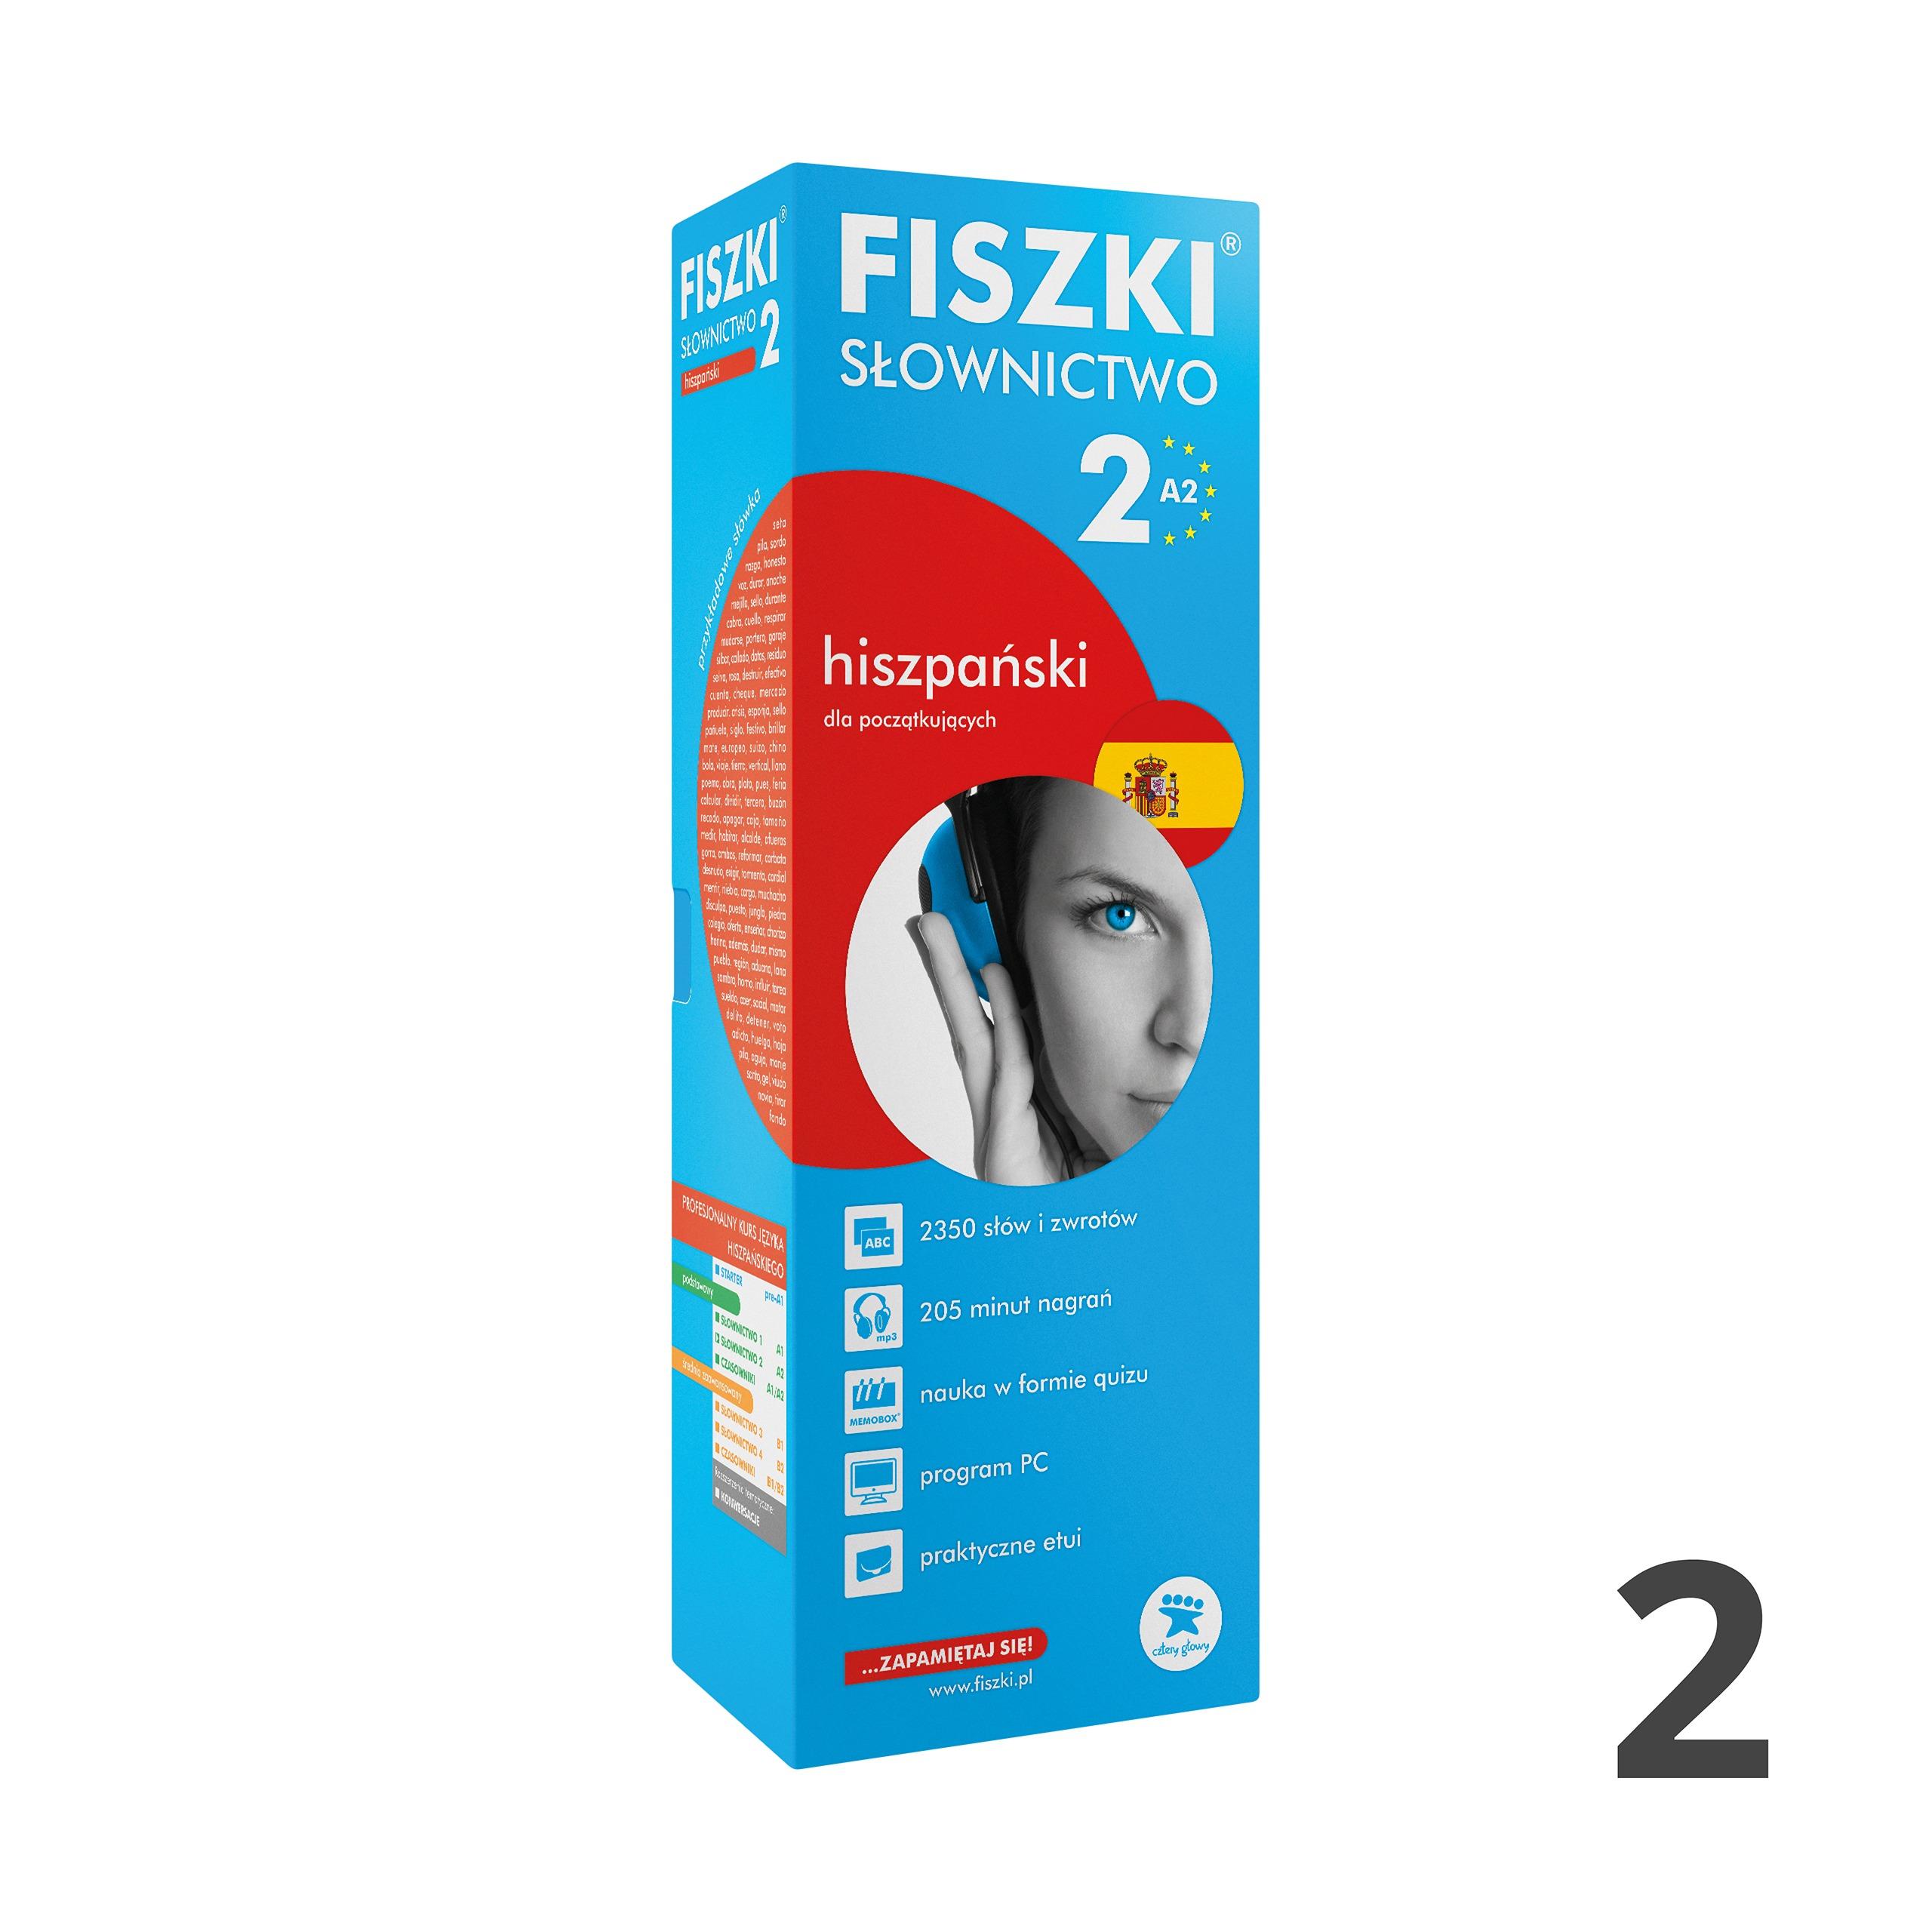 FISZKI - hiszpański - Słownictwo 2 (A2)